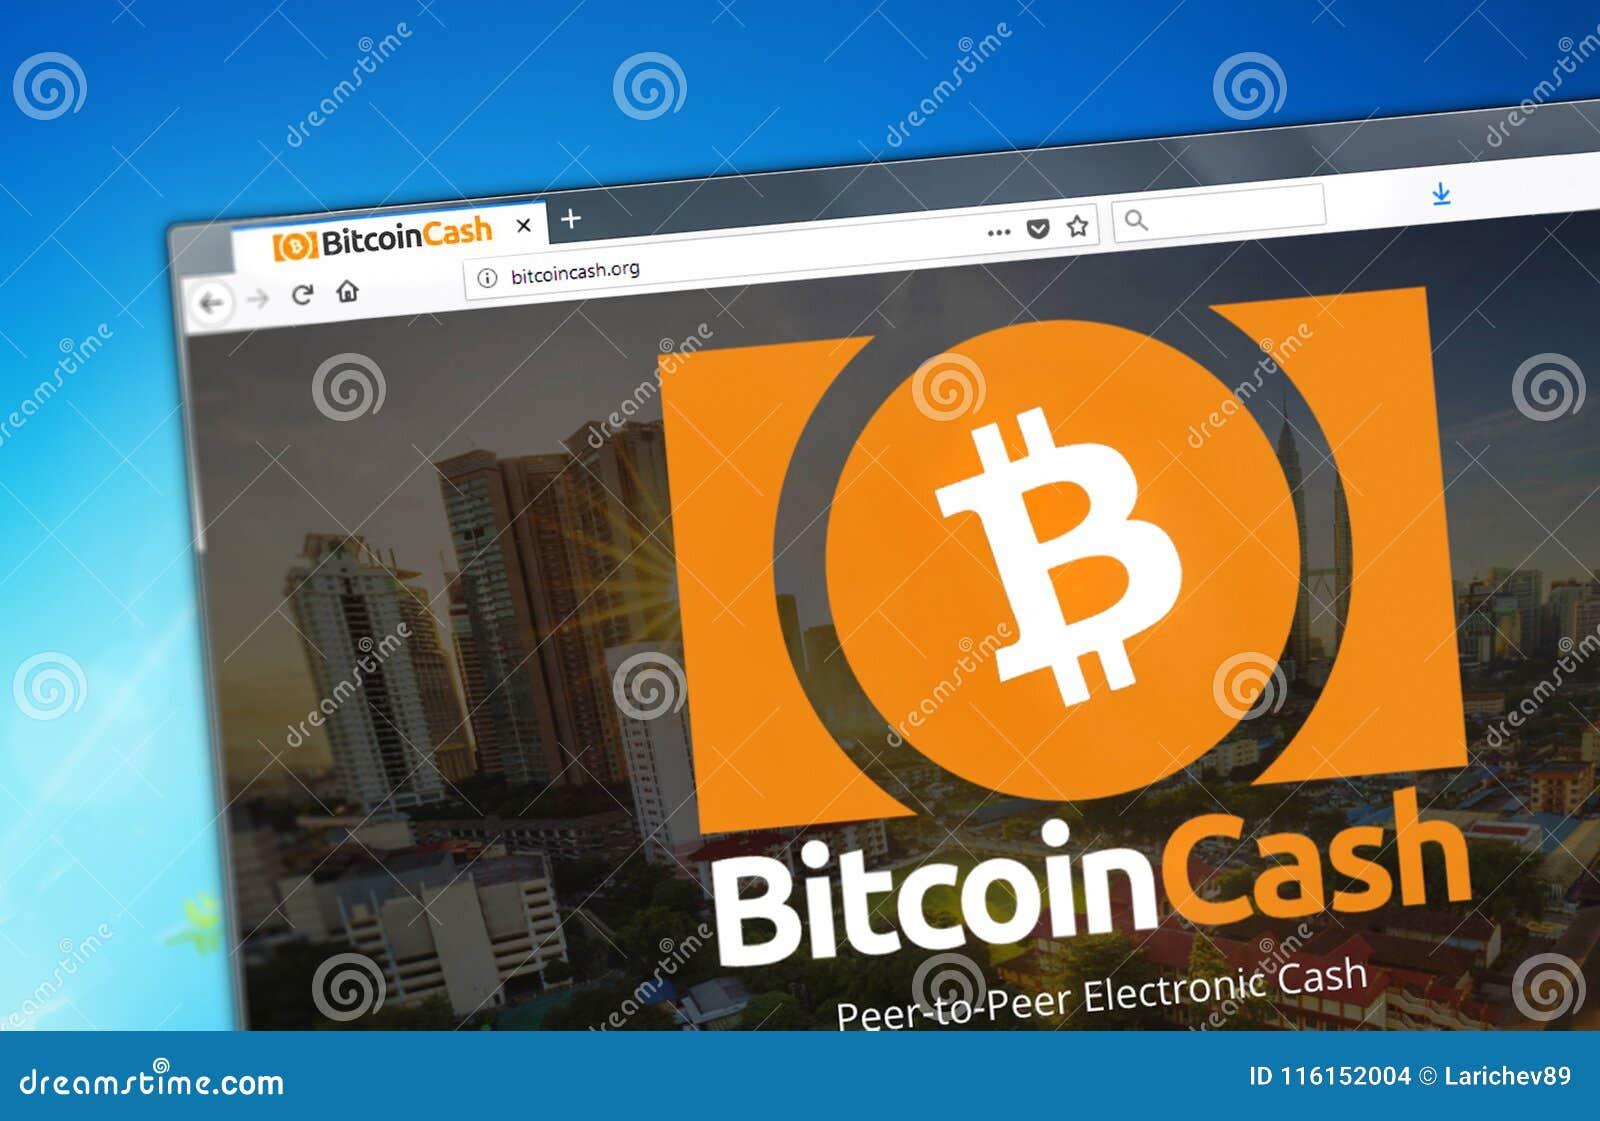 Novosibirsk, Rusland - Mei 8, 2018 - Homepage van Bitcoin-Contant geldcryptocurrency BCH - bitcoincash org op een vertoning van P